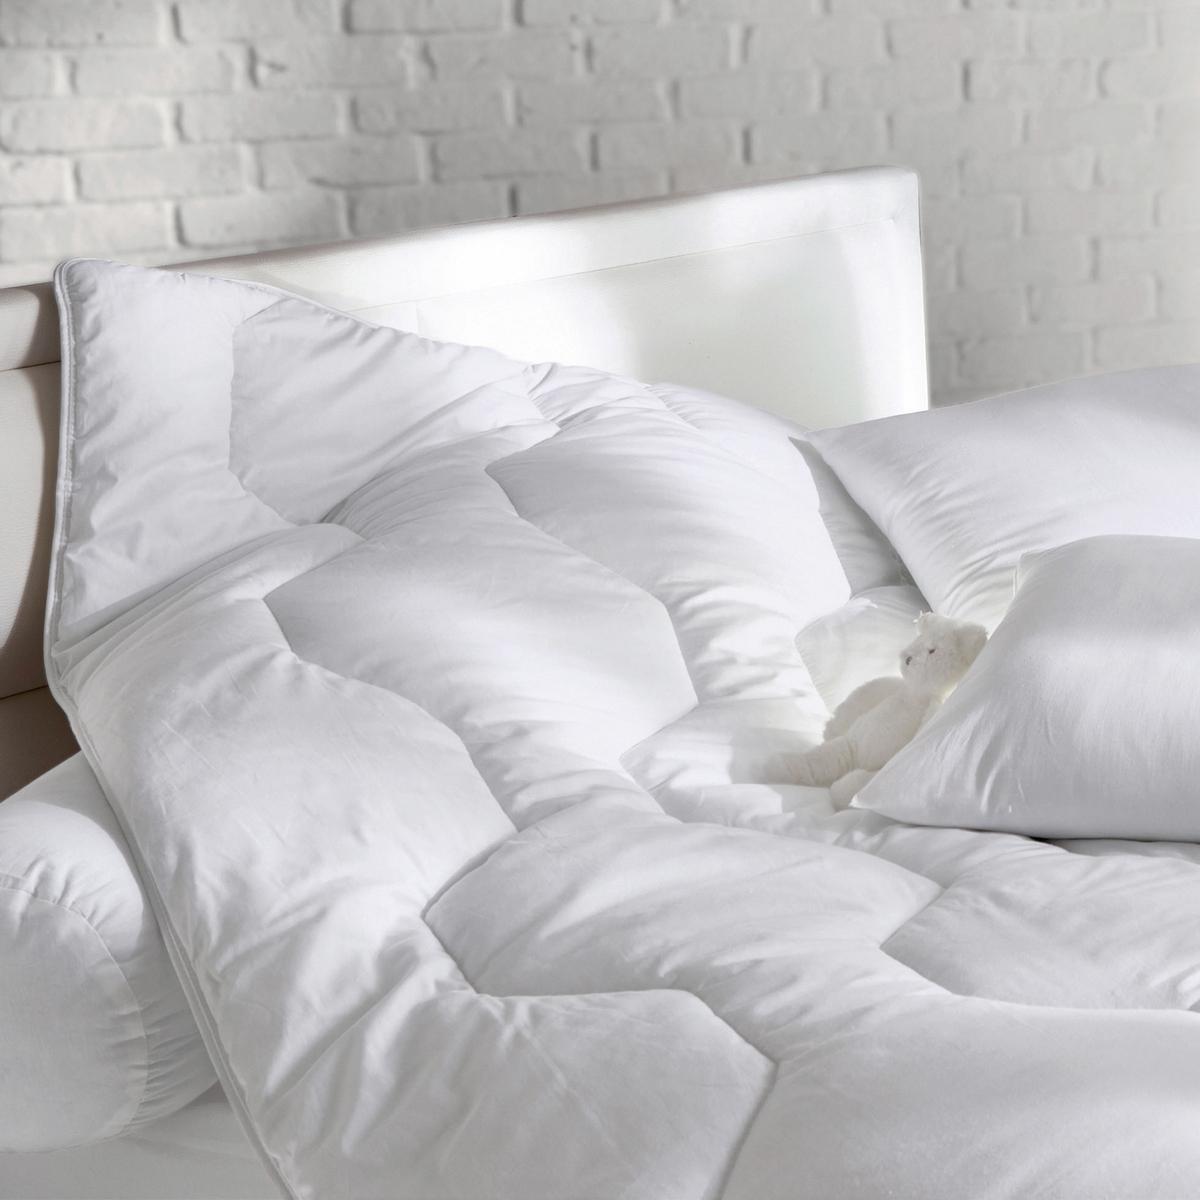 Одеяло двойное из синтетики 4 сезона, с обработкой от клещейВыбирайте двойное одеяло Redoute R?VERIE, мягкость и комфорт гарантированы   . Идеально для любого сезона : одеяло 175 г/м? для лета + 1 одеяло 300 г/м?  для межсезонья и 2 объединенных - для зимы  . Соединение завязками. Обработка Saniprotect против клещей  .                                                                                 Наполнитель 100 % polyester, полых силиконовых волокон для большей мягкости     .                                                                                                                Верх 100 % хлопка с обработкой Saniprotect против клещей (эффективна даже после нескольких стирок)     .                                                                                                                Прострочка шестиугольниками. Отделка : кантом, укрепленные двойные швы.                                                                Уход :  стирка при 40° . Возможна барабанная сушка      .                                                                                                                Продается в сумке-чехле  .<br><br>Цвет: белый